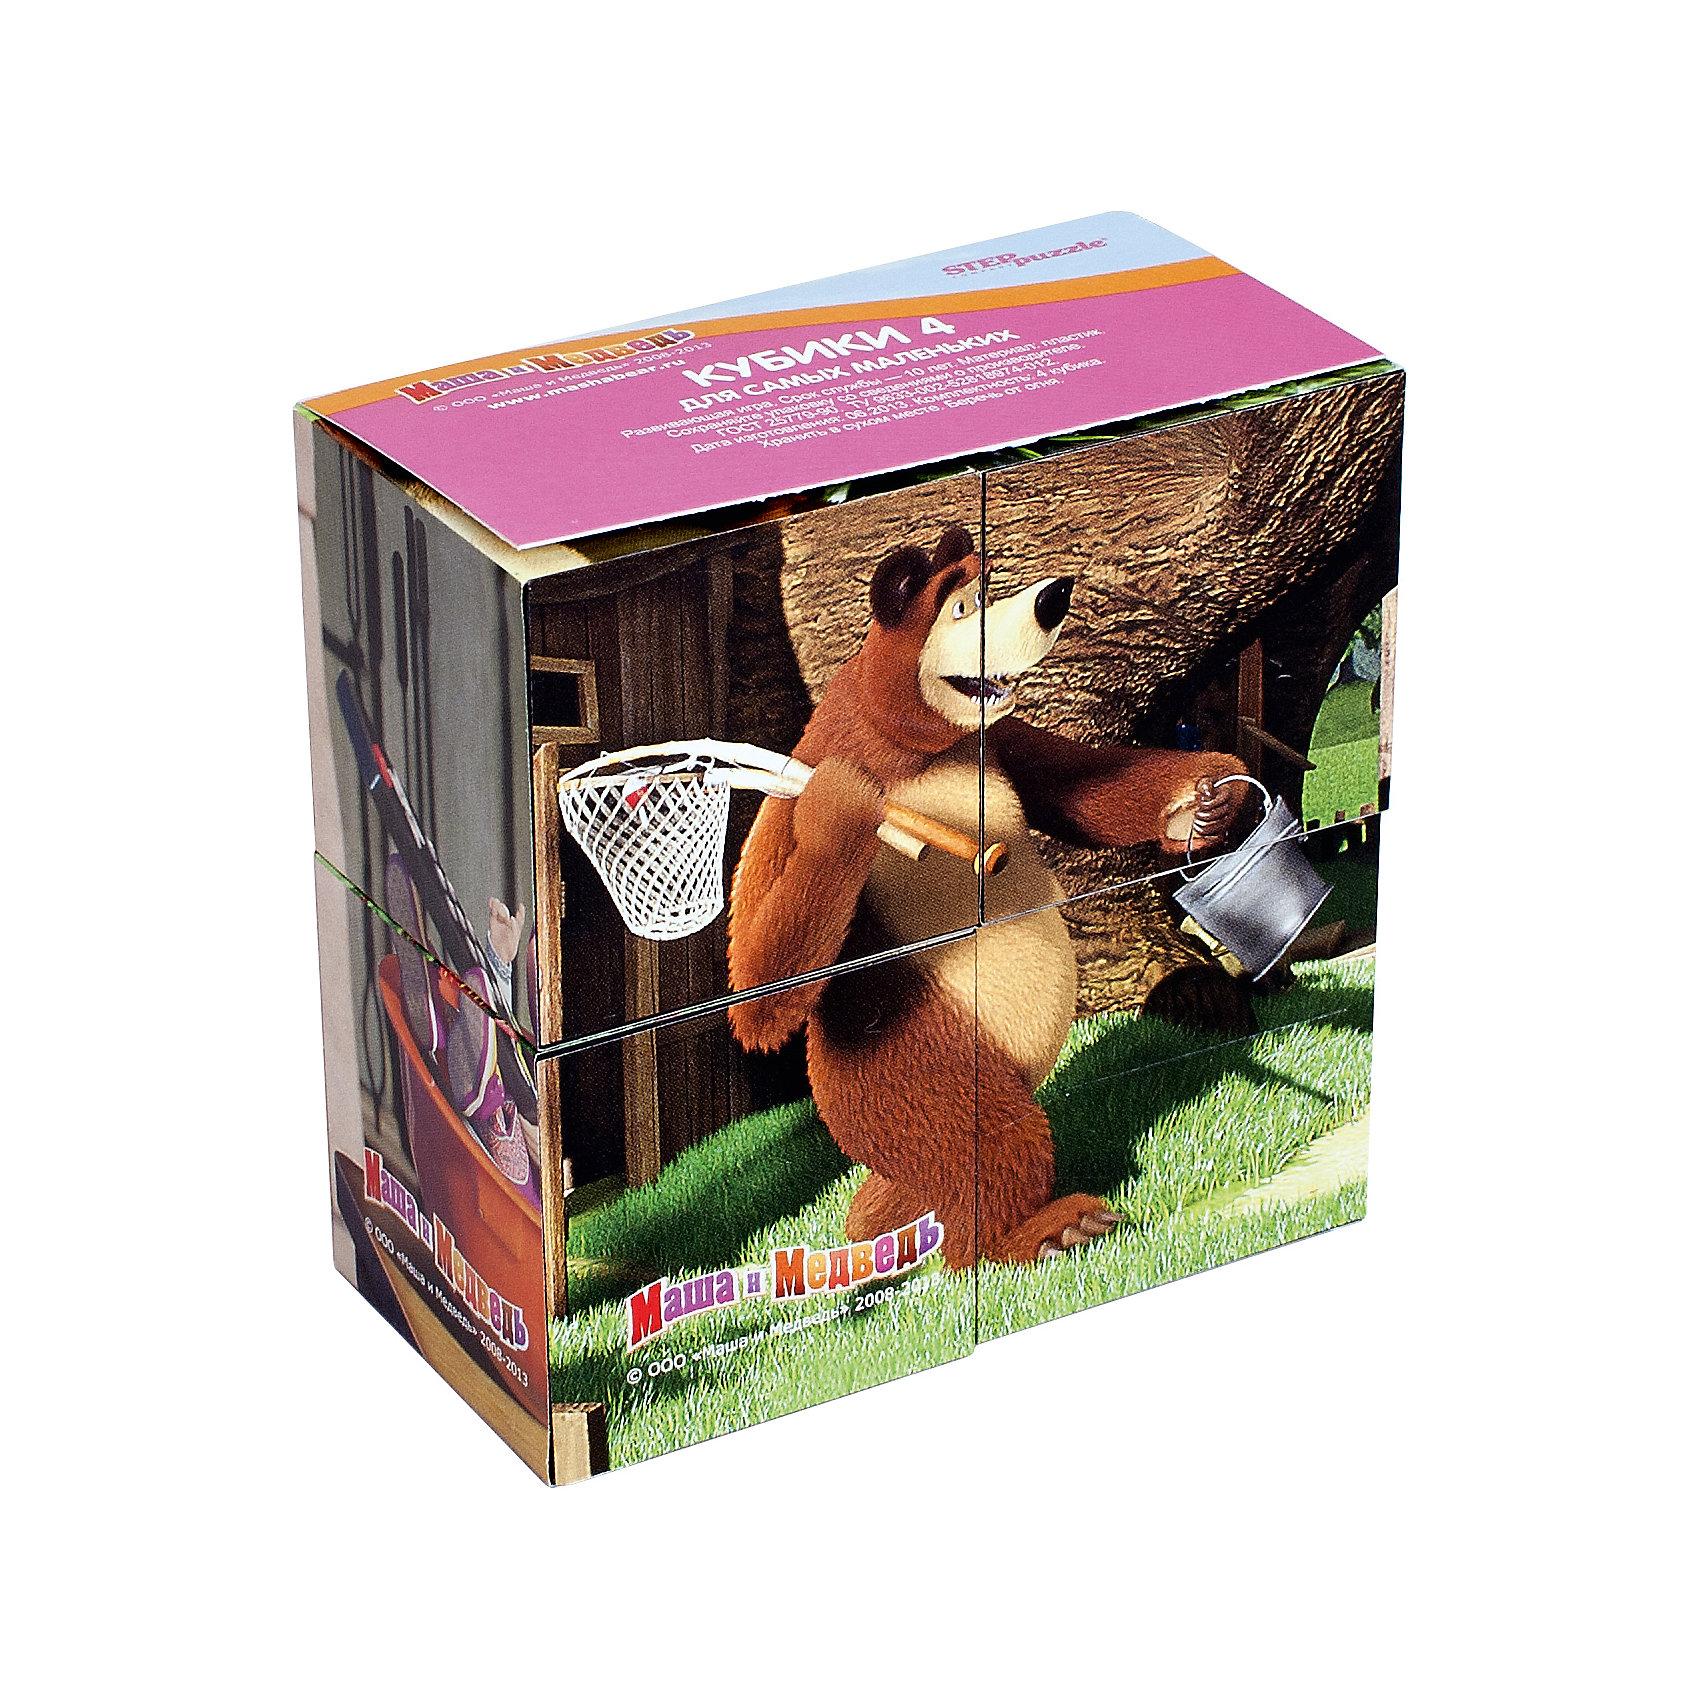 Степ Пазл Кубики Маша и Медведь, 4 шт, Step Puzzle маша и медведь колпак машины сказки 6 шт